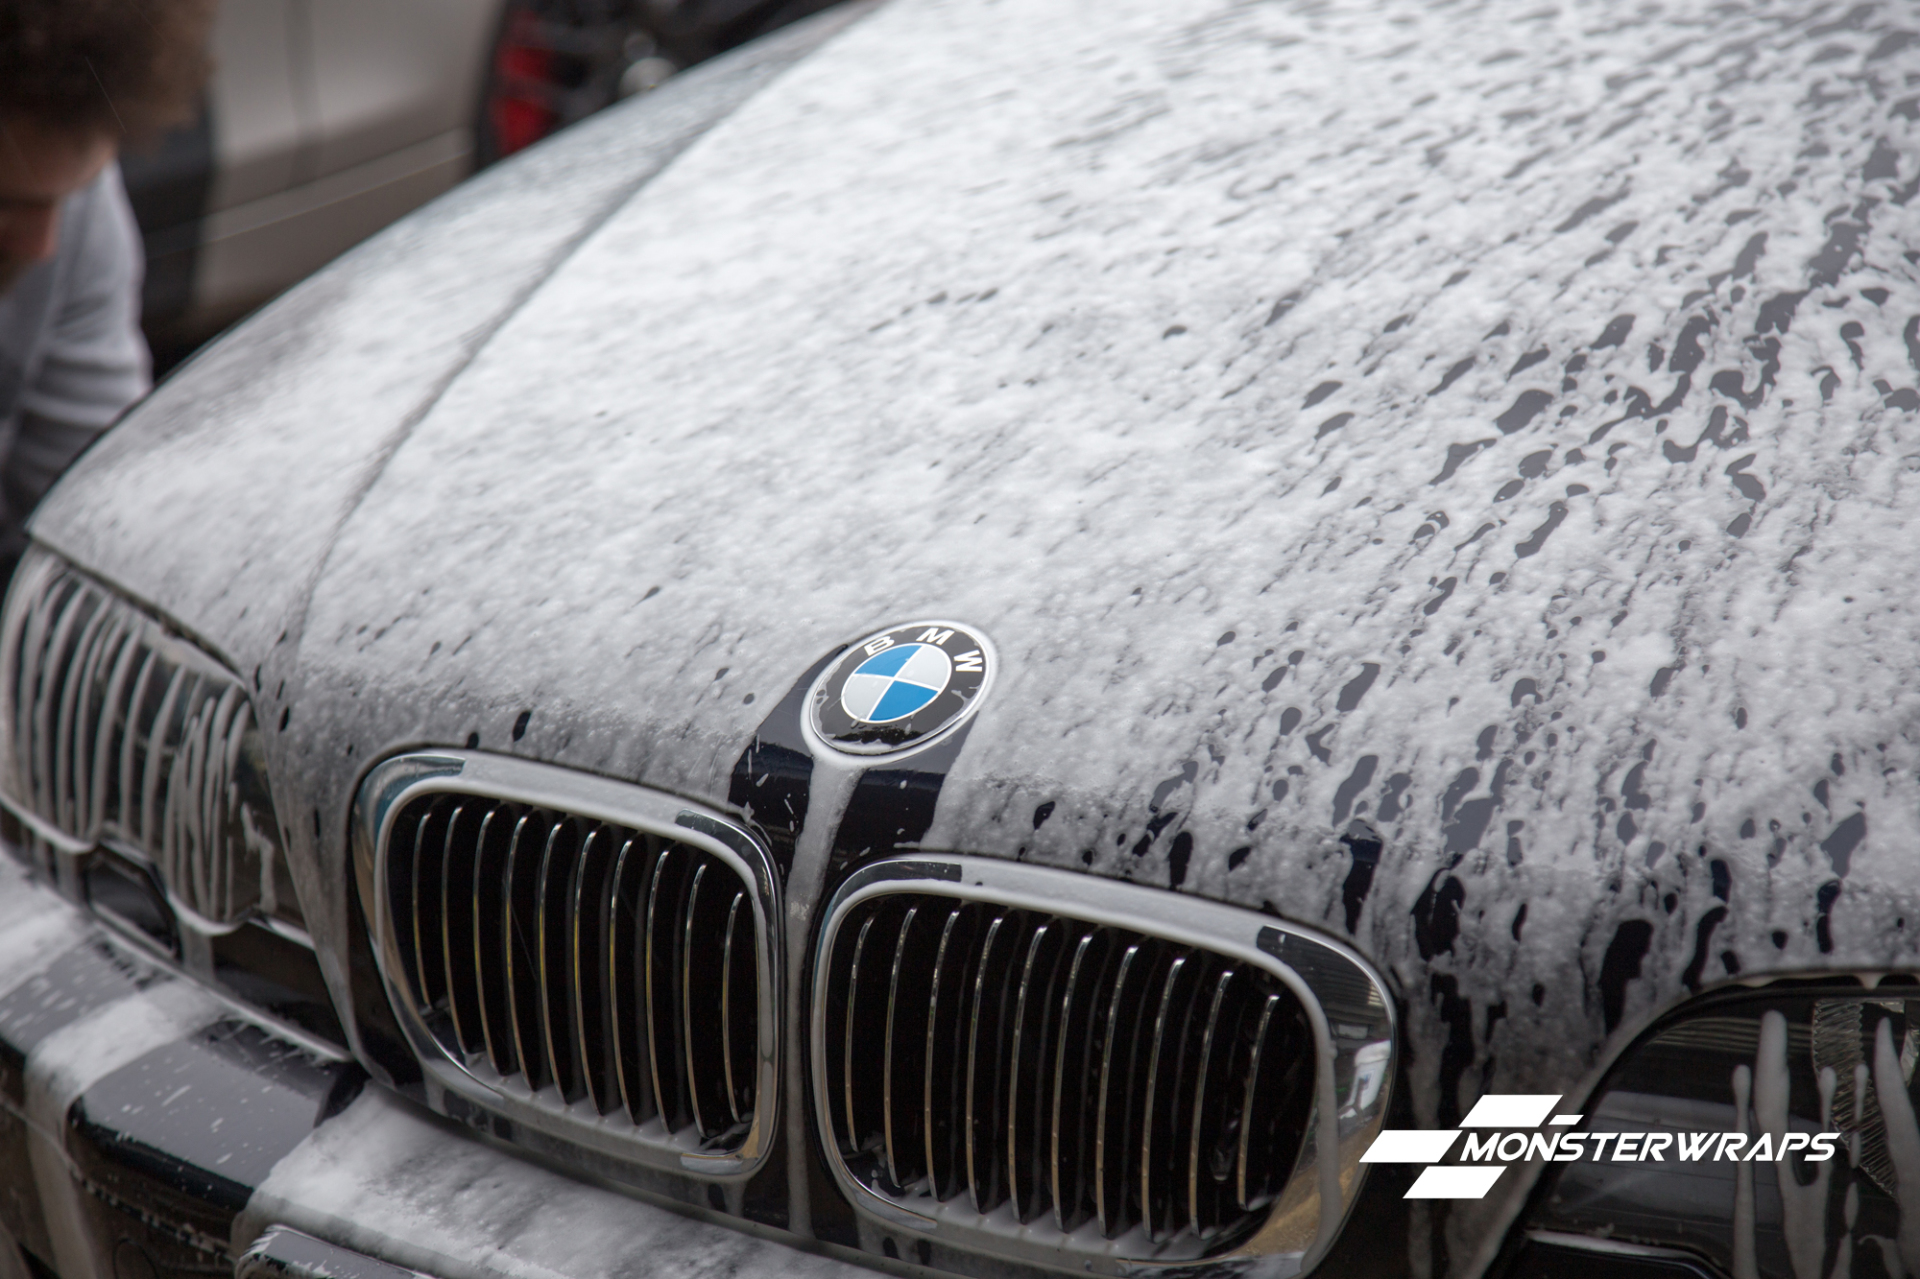 BMW M3 Paint enhancement detail southampton hampshire